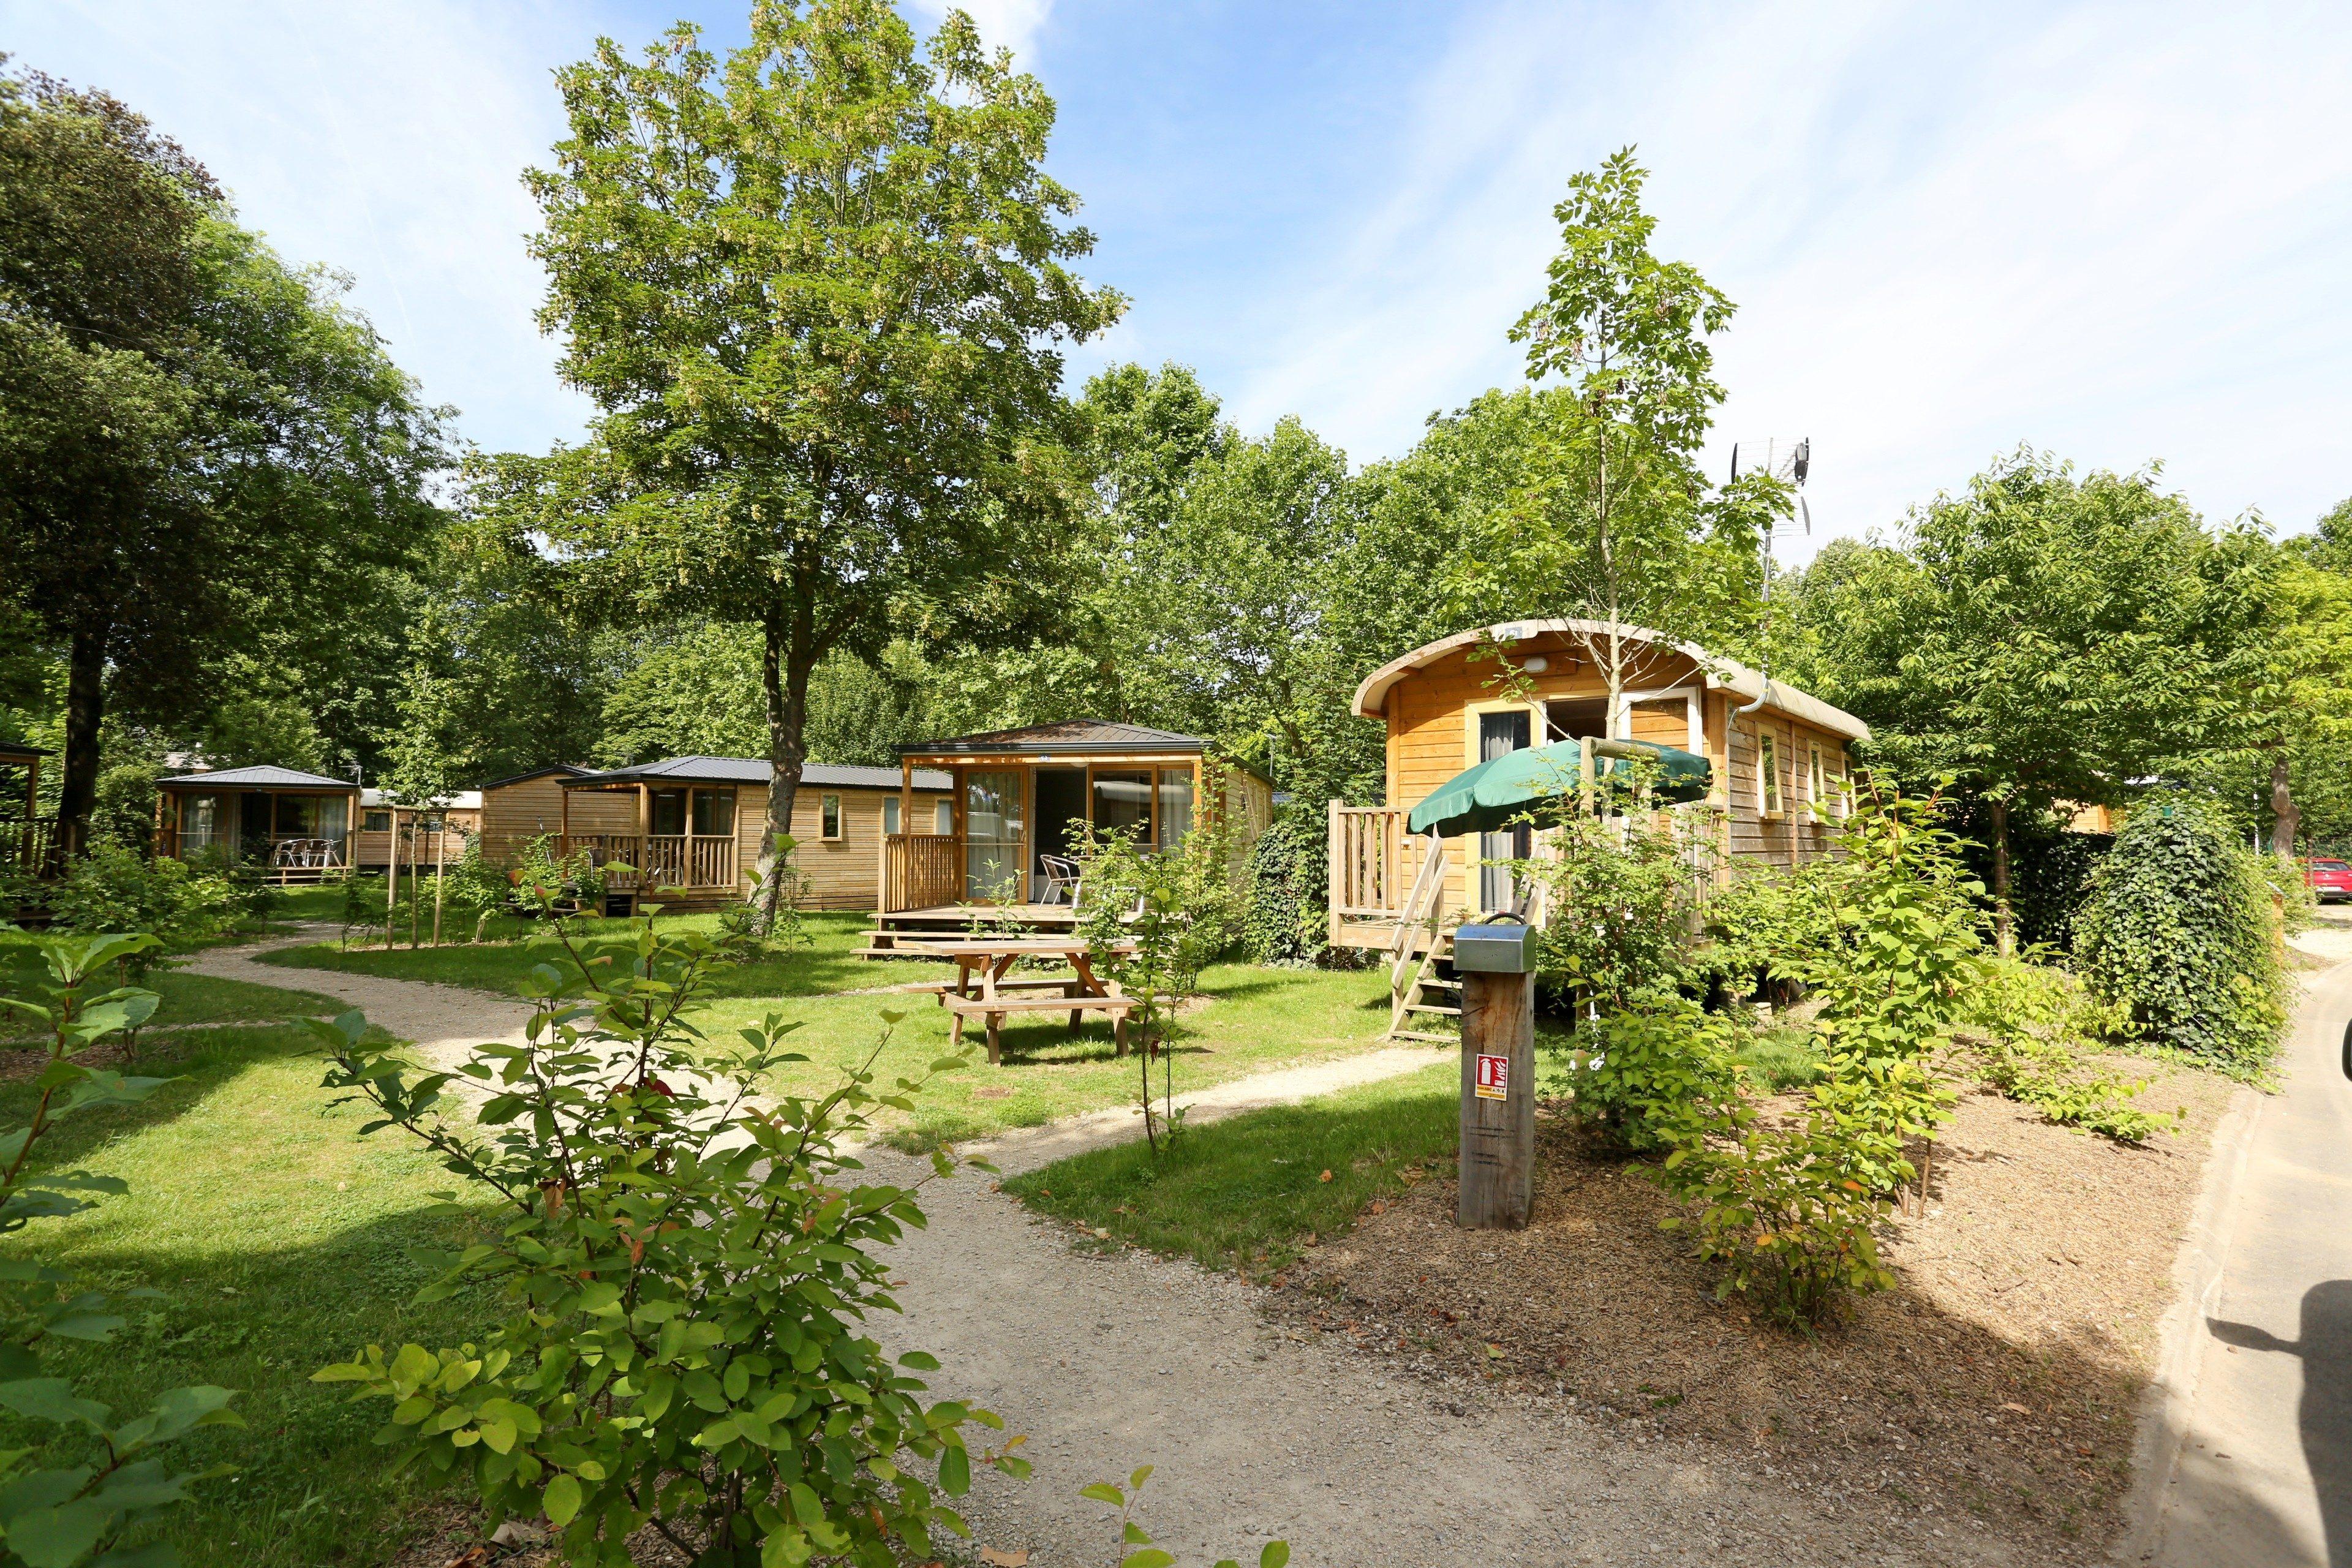 campings ouverts l ann e partir en libert avant de choisir son camping. Black Bedroom Furniture Sets. Home Design Ideas